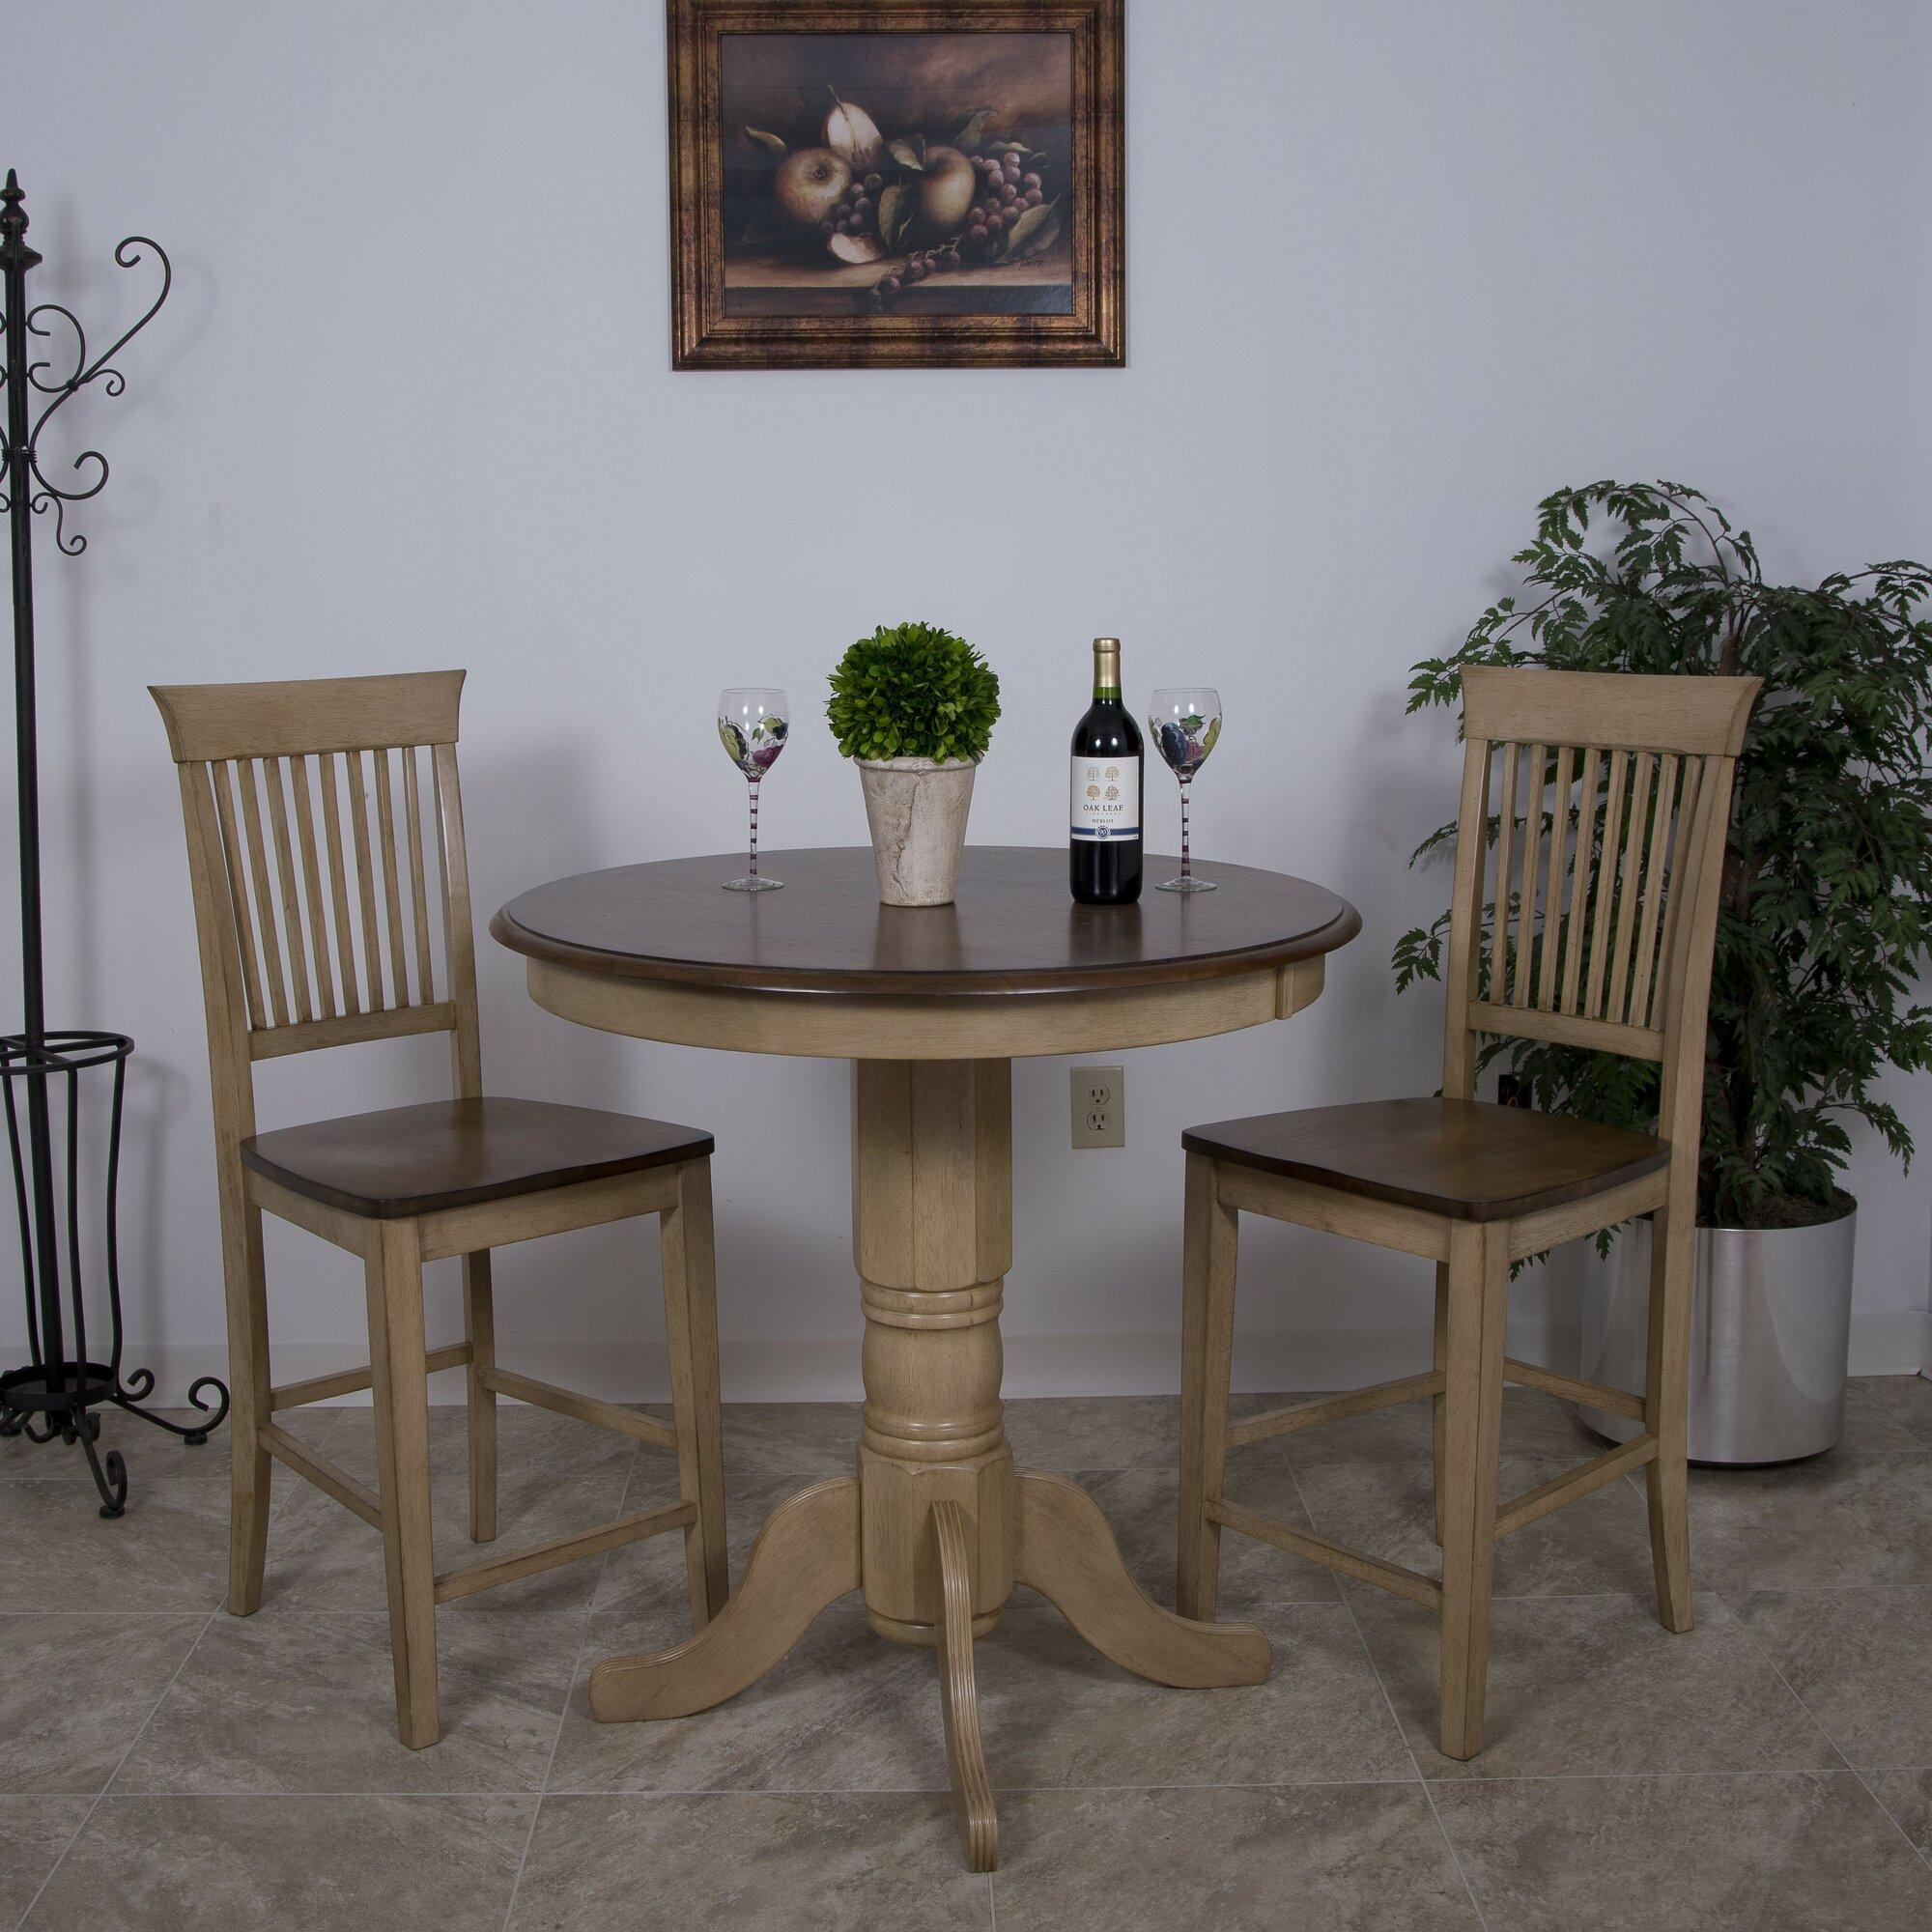 Download HD Wallpapers Kenton 5 Piece Dining Set